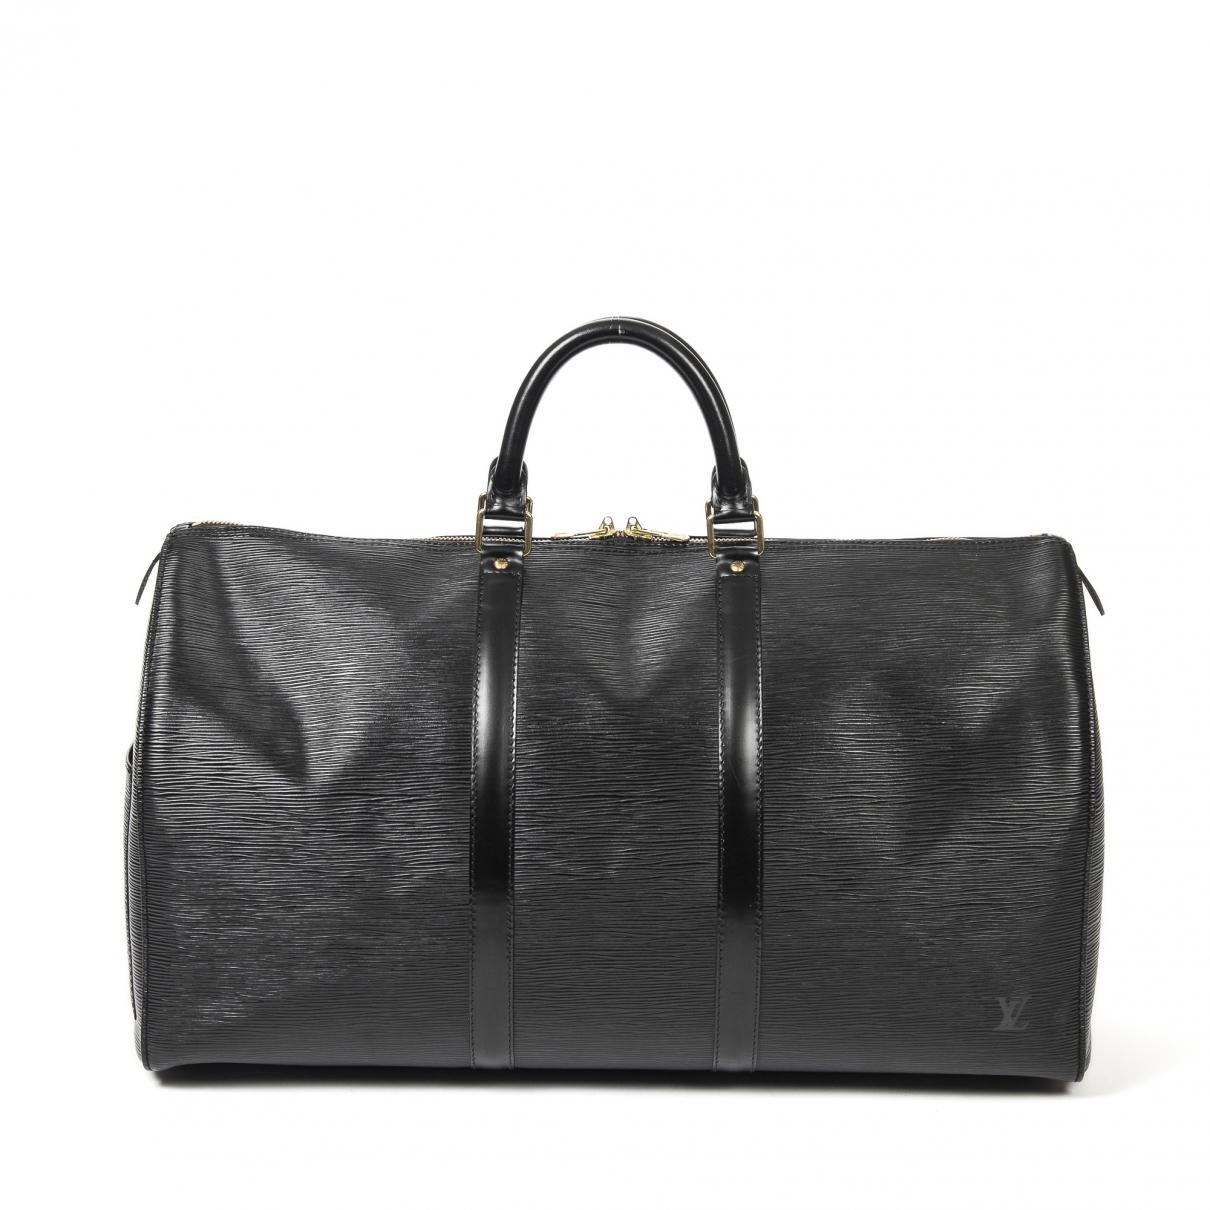 Louis Vuitton \N Reisetasche in  Schwarz Leder